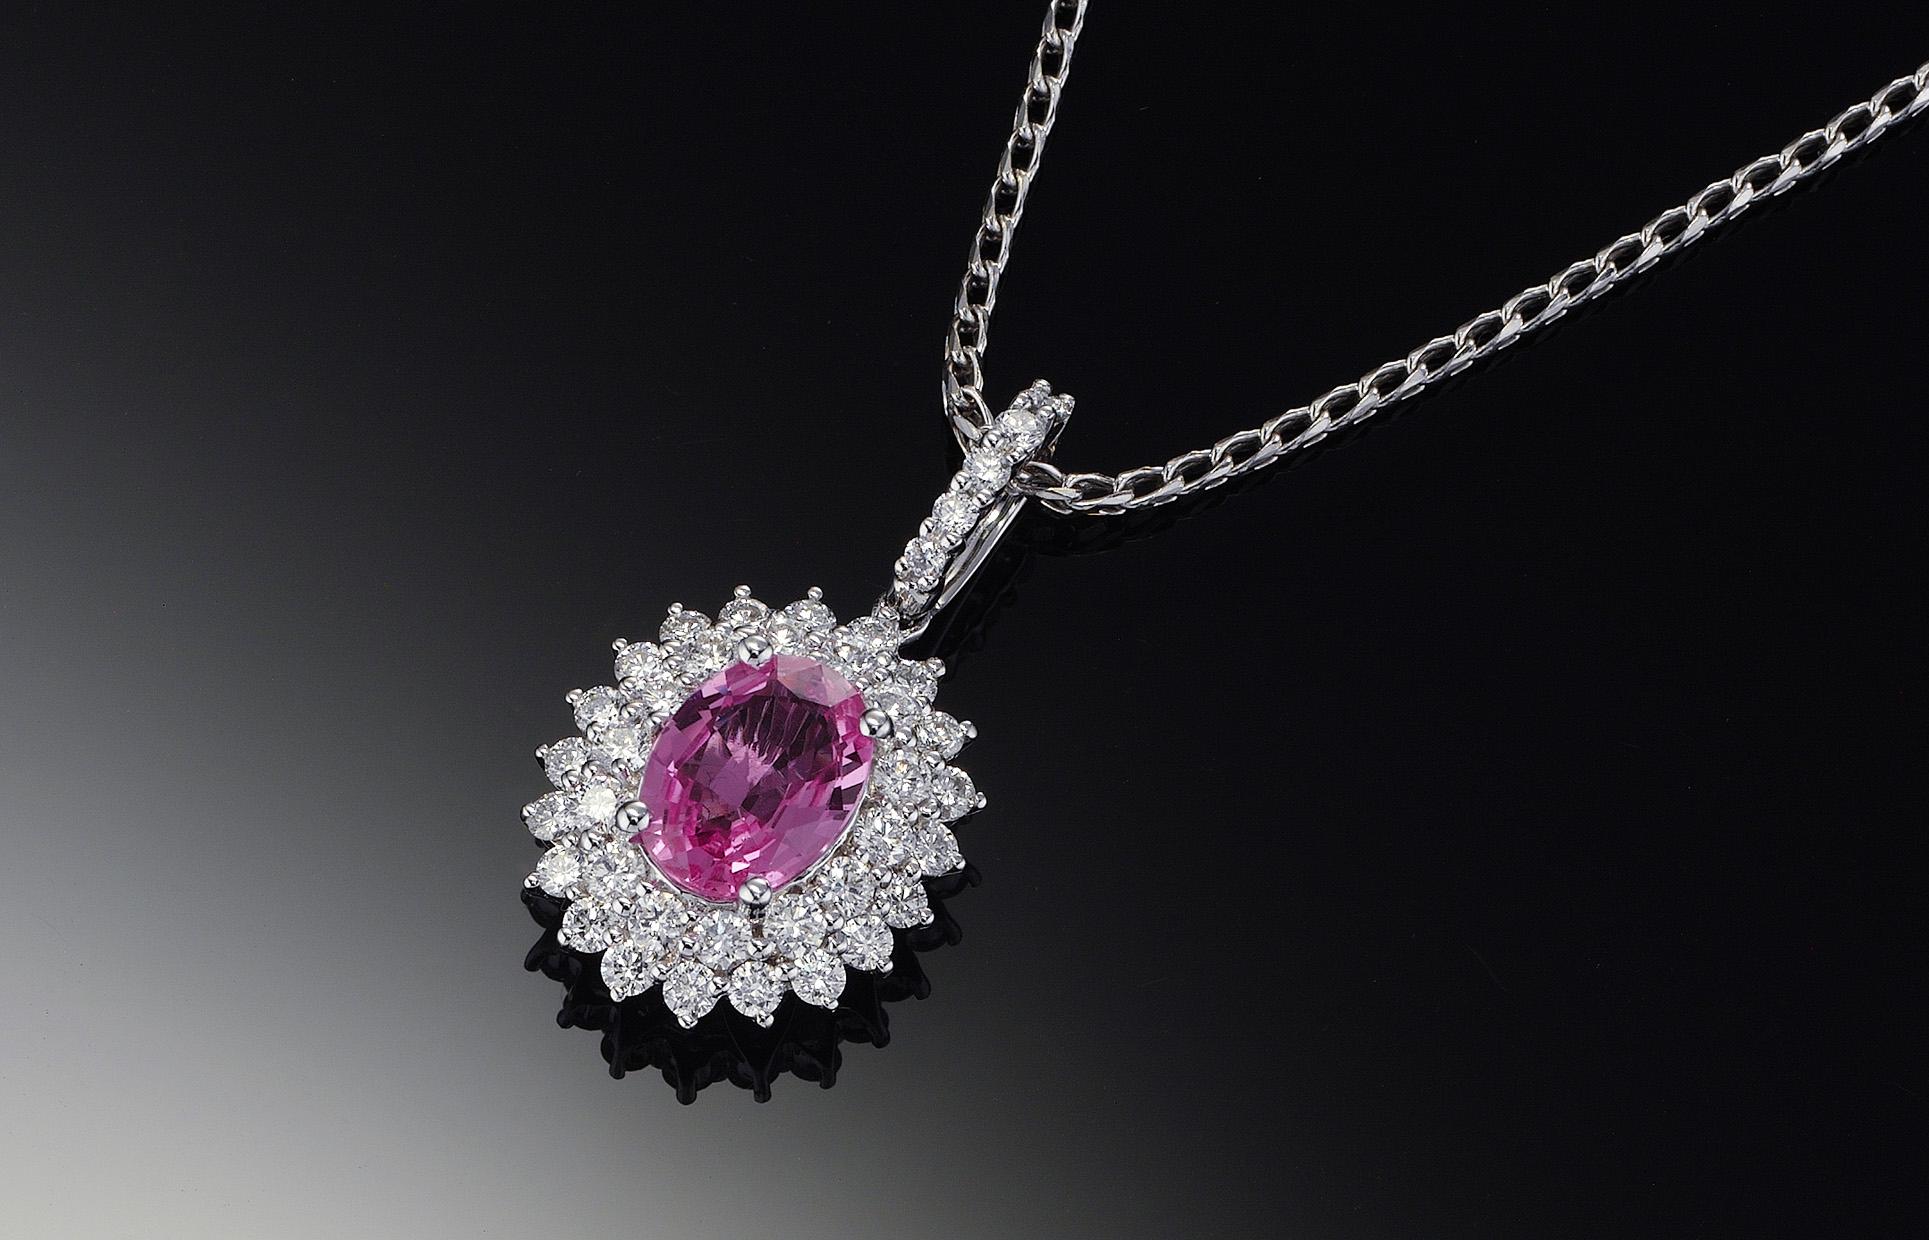 粉紅藍寶石鑽石項鍊18K白金 -附鑑定書